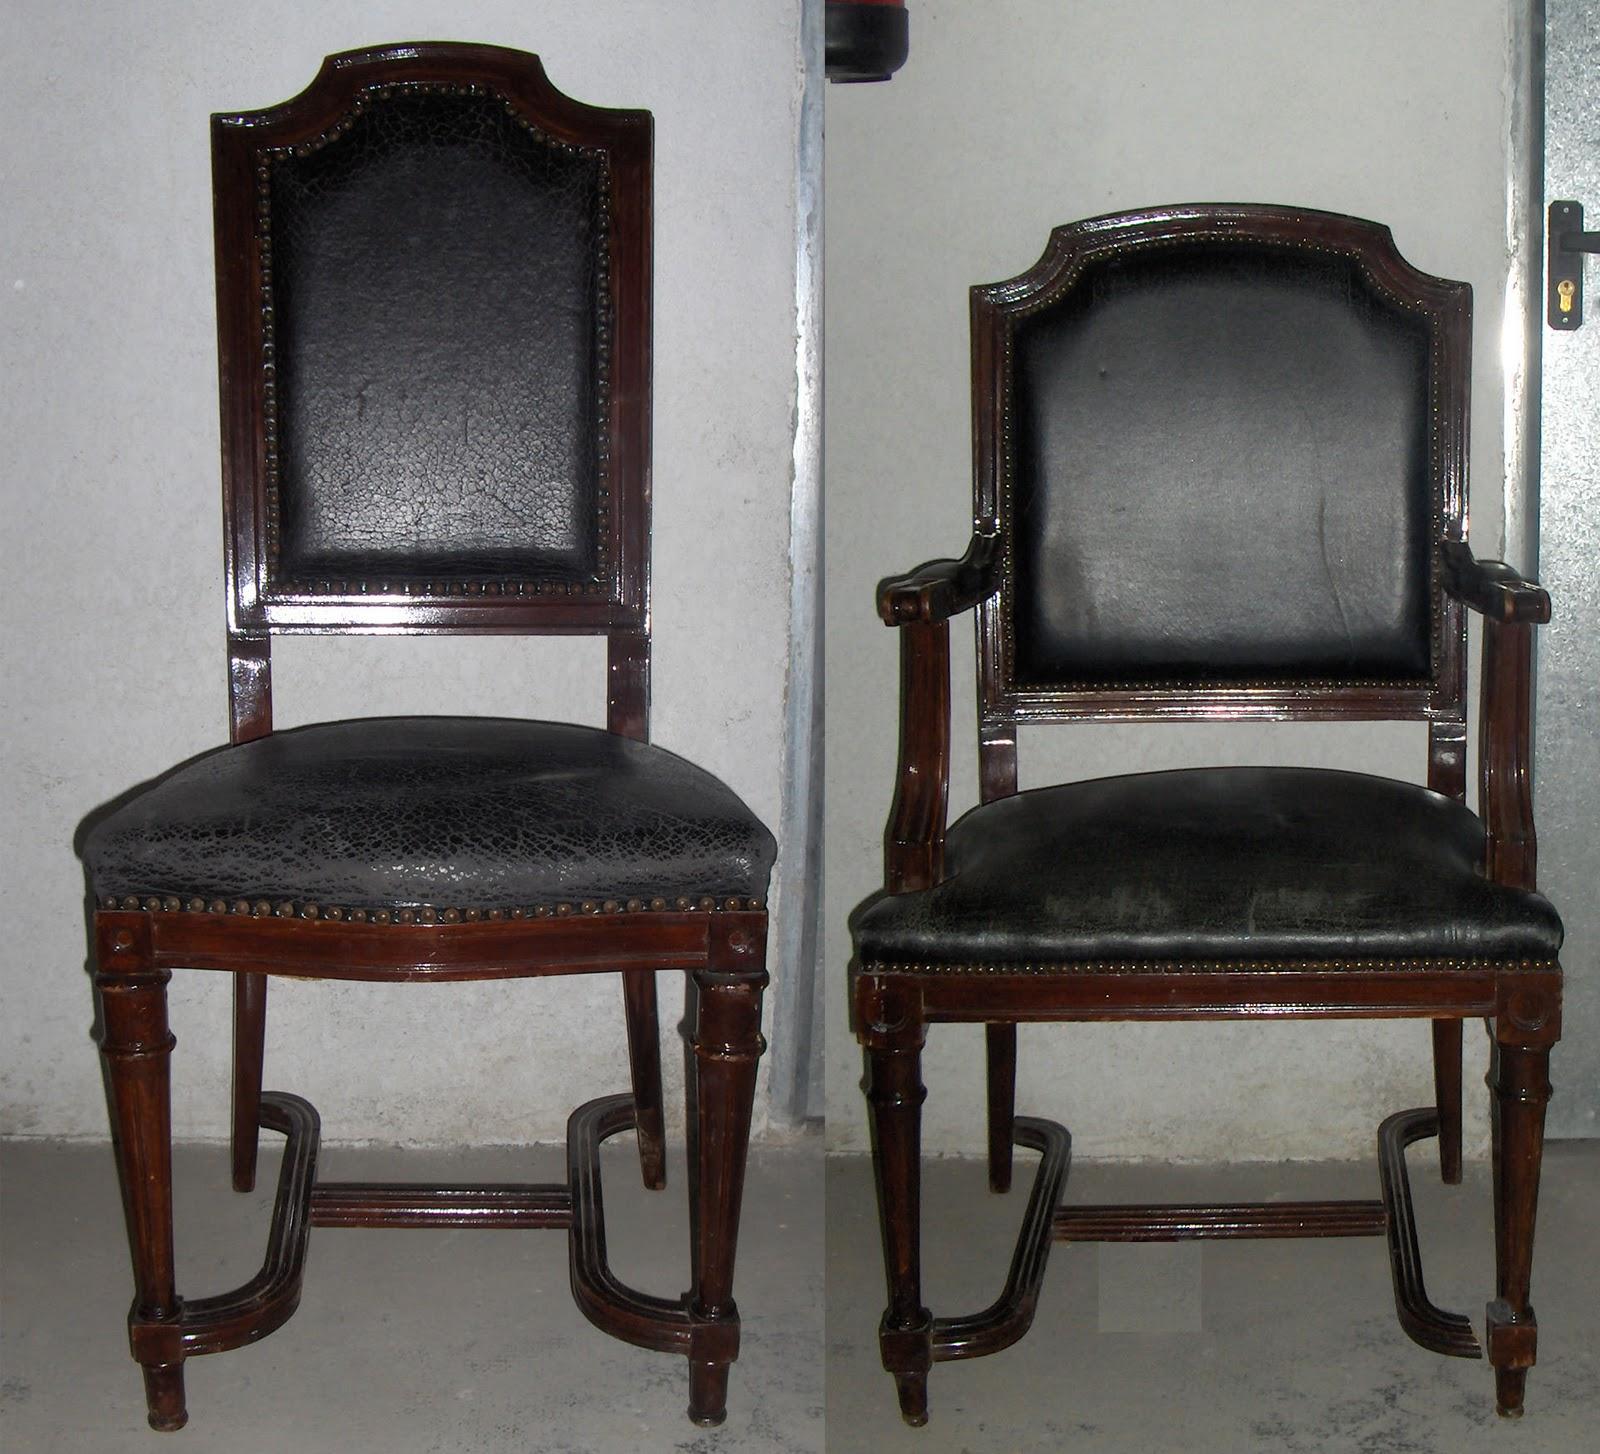 El rastro de segunda sillas antiguas de cuero - Sillas antiguas de segunda mano ...